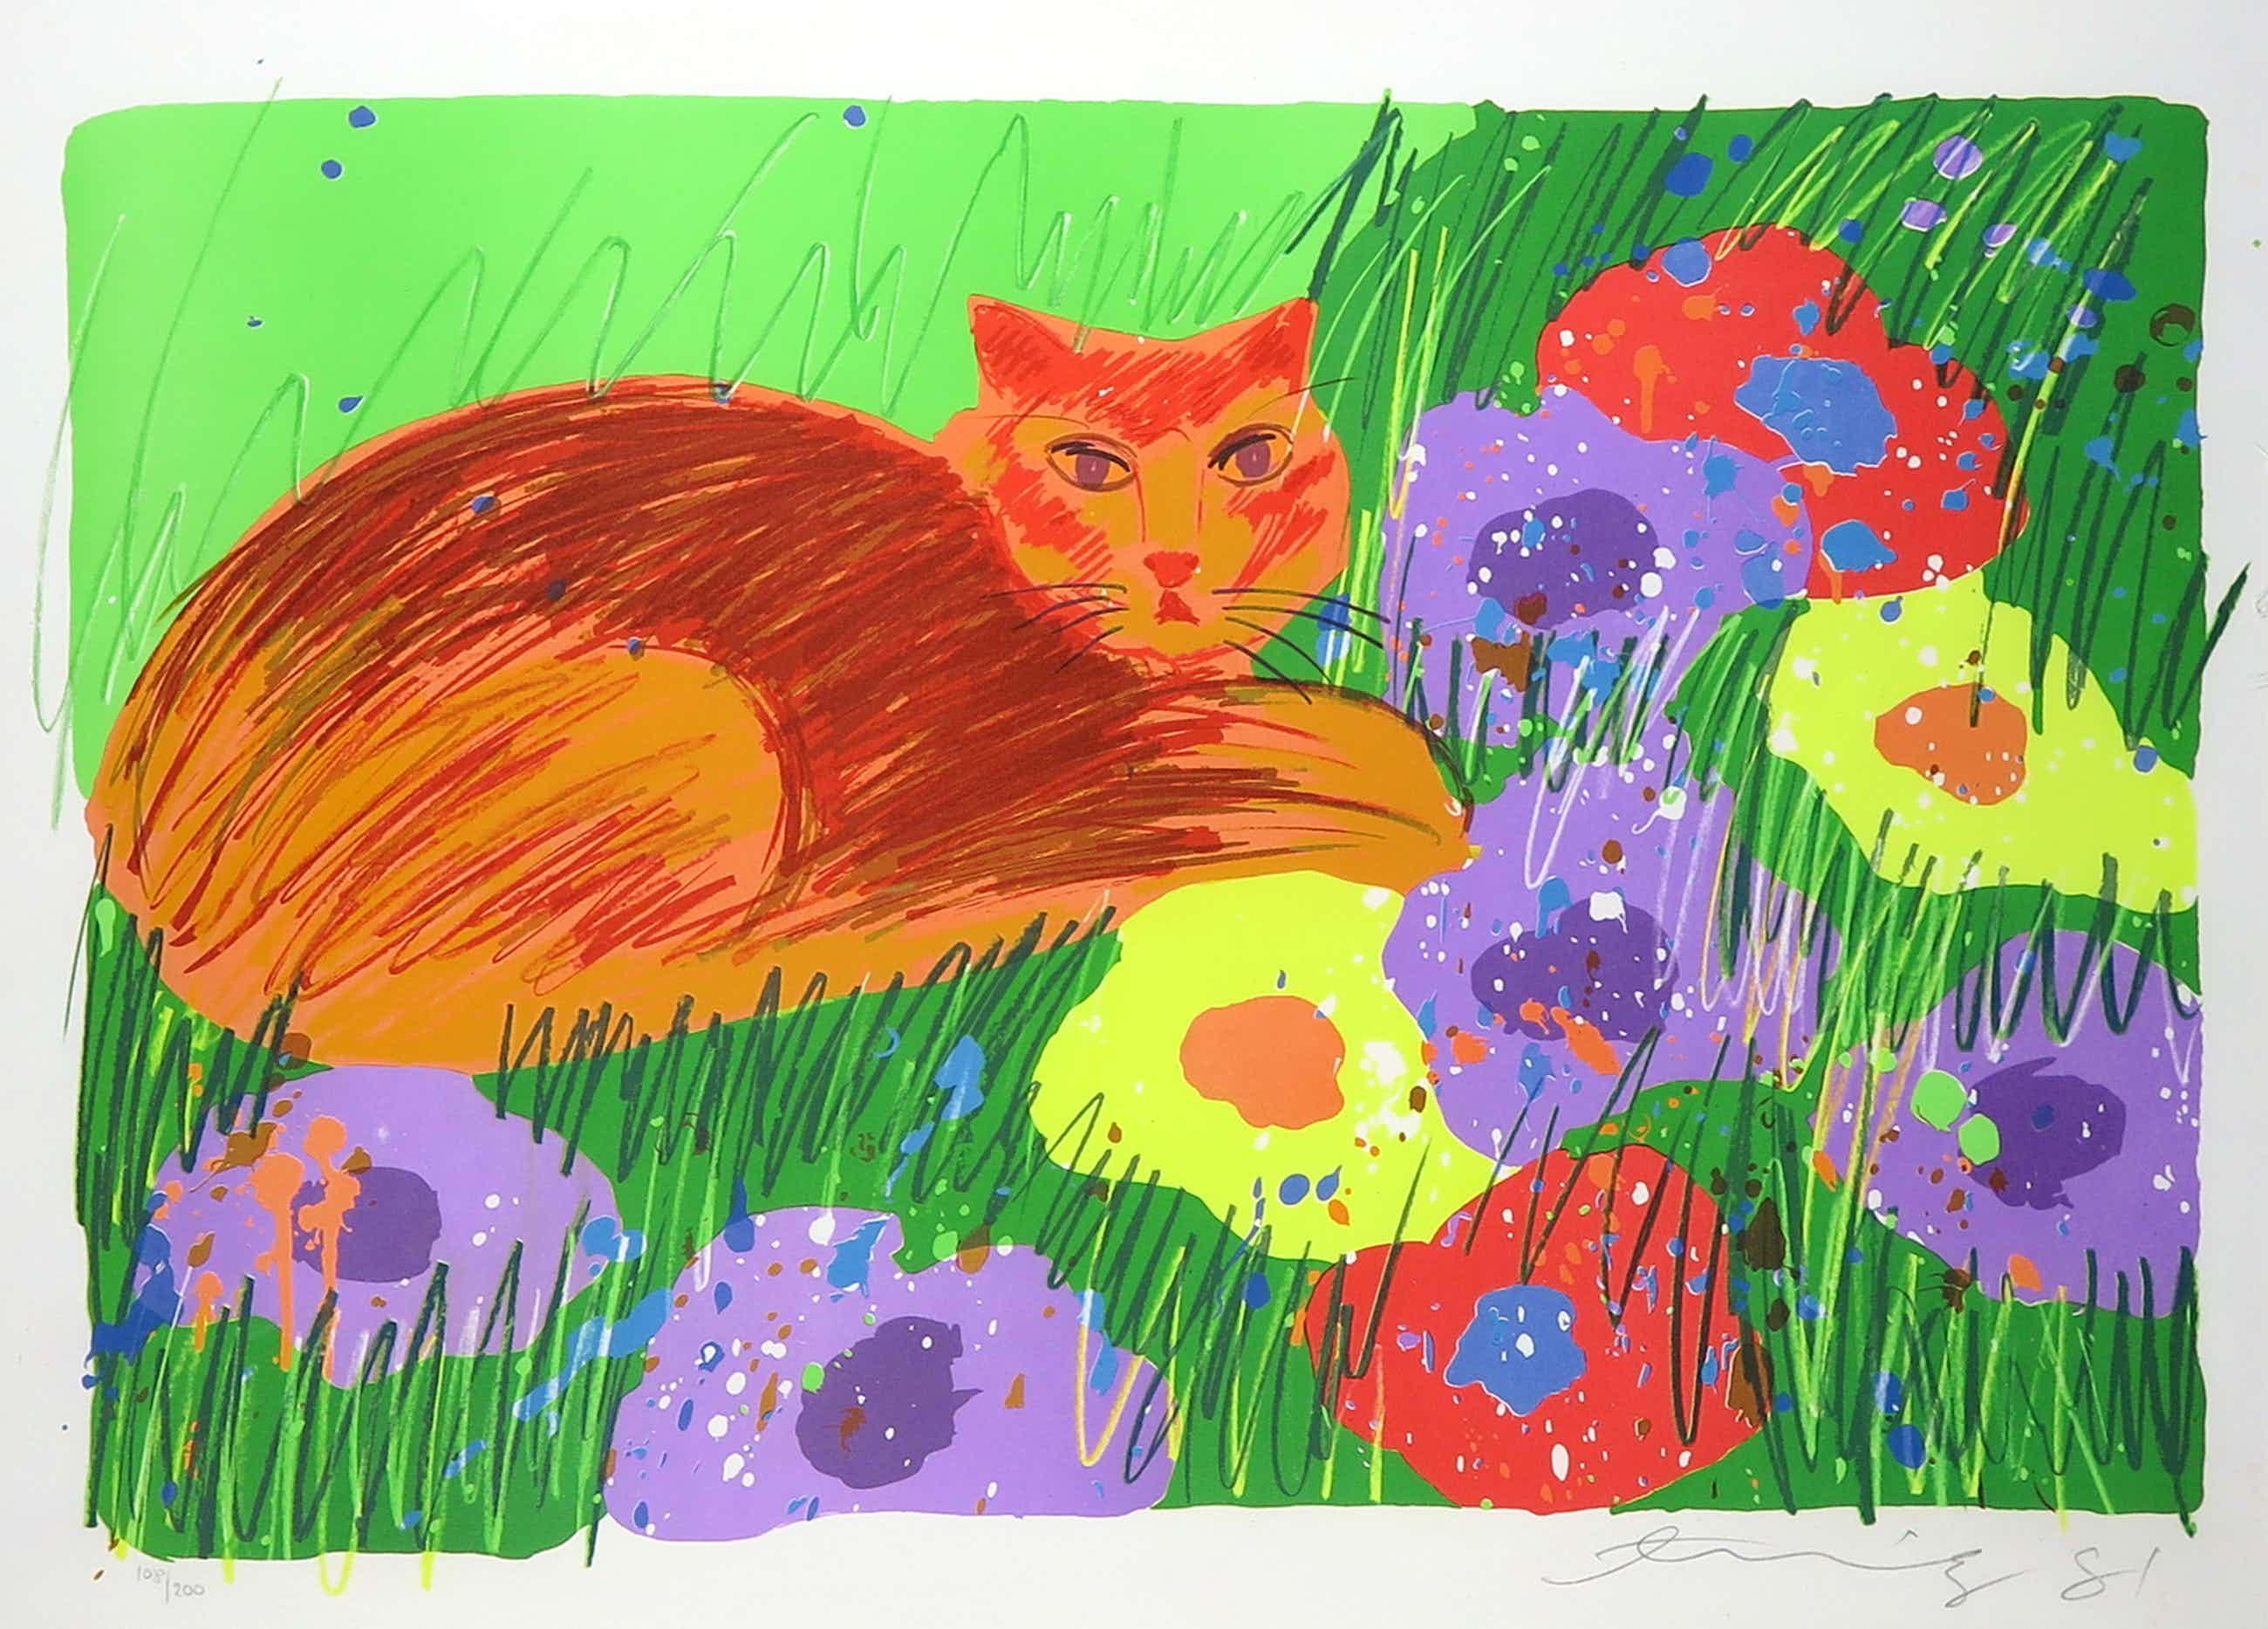 Walasse Ting - Litho, Cat in the garden - Ingelijst kopen? Bied vanaf 341!